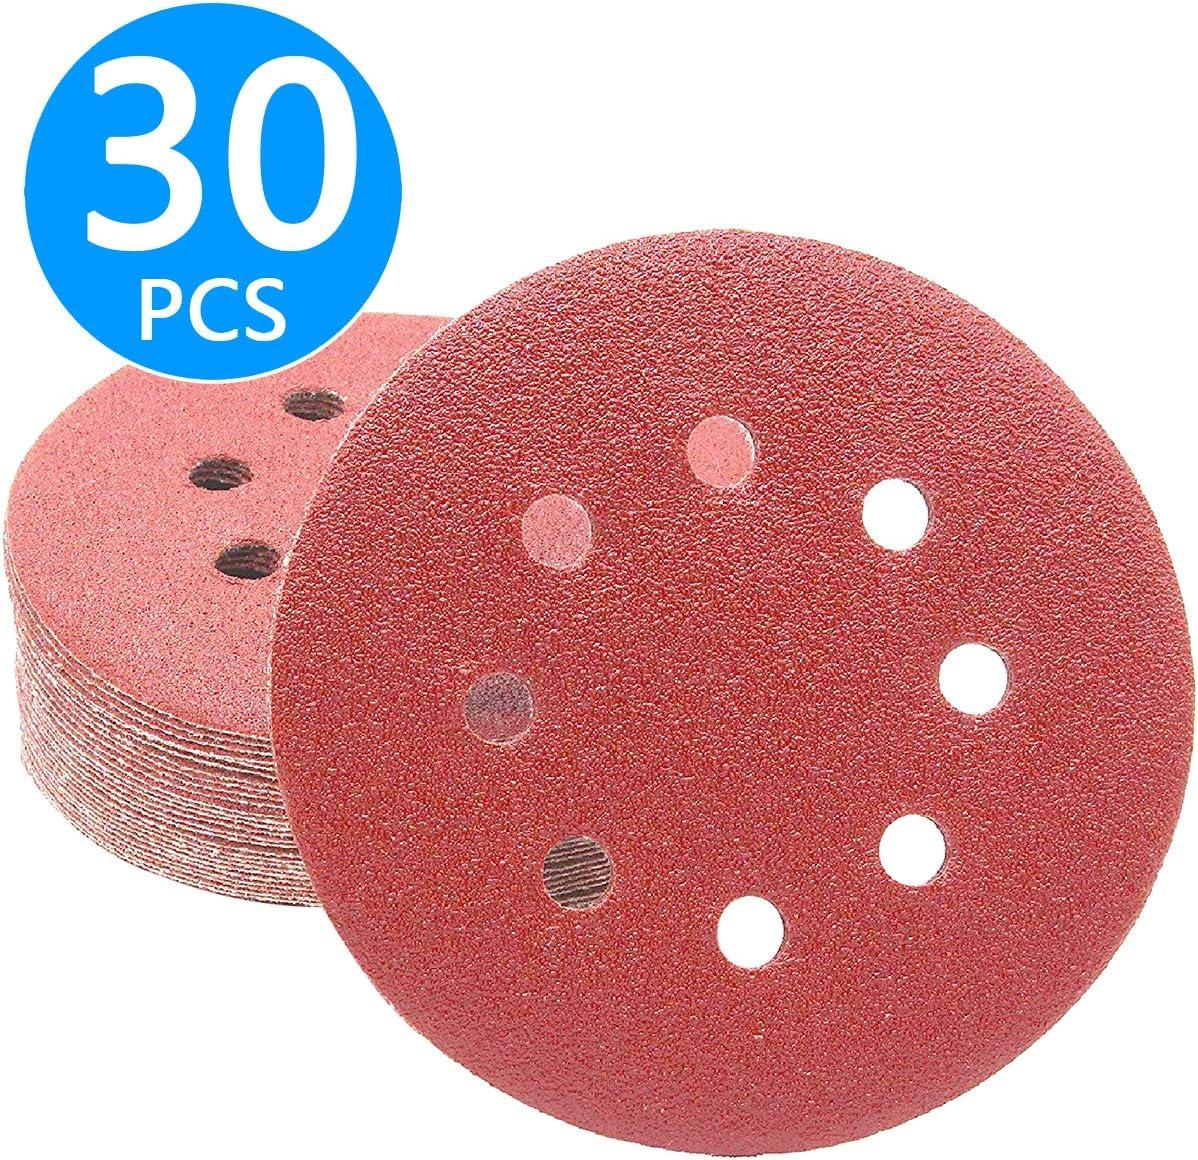 grano 240 8 agujeros para lijadora exc/éntrica 30 unidades Discos de lija con velcro papel arenoso 125 mm